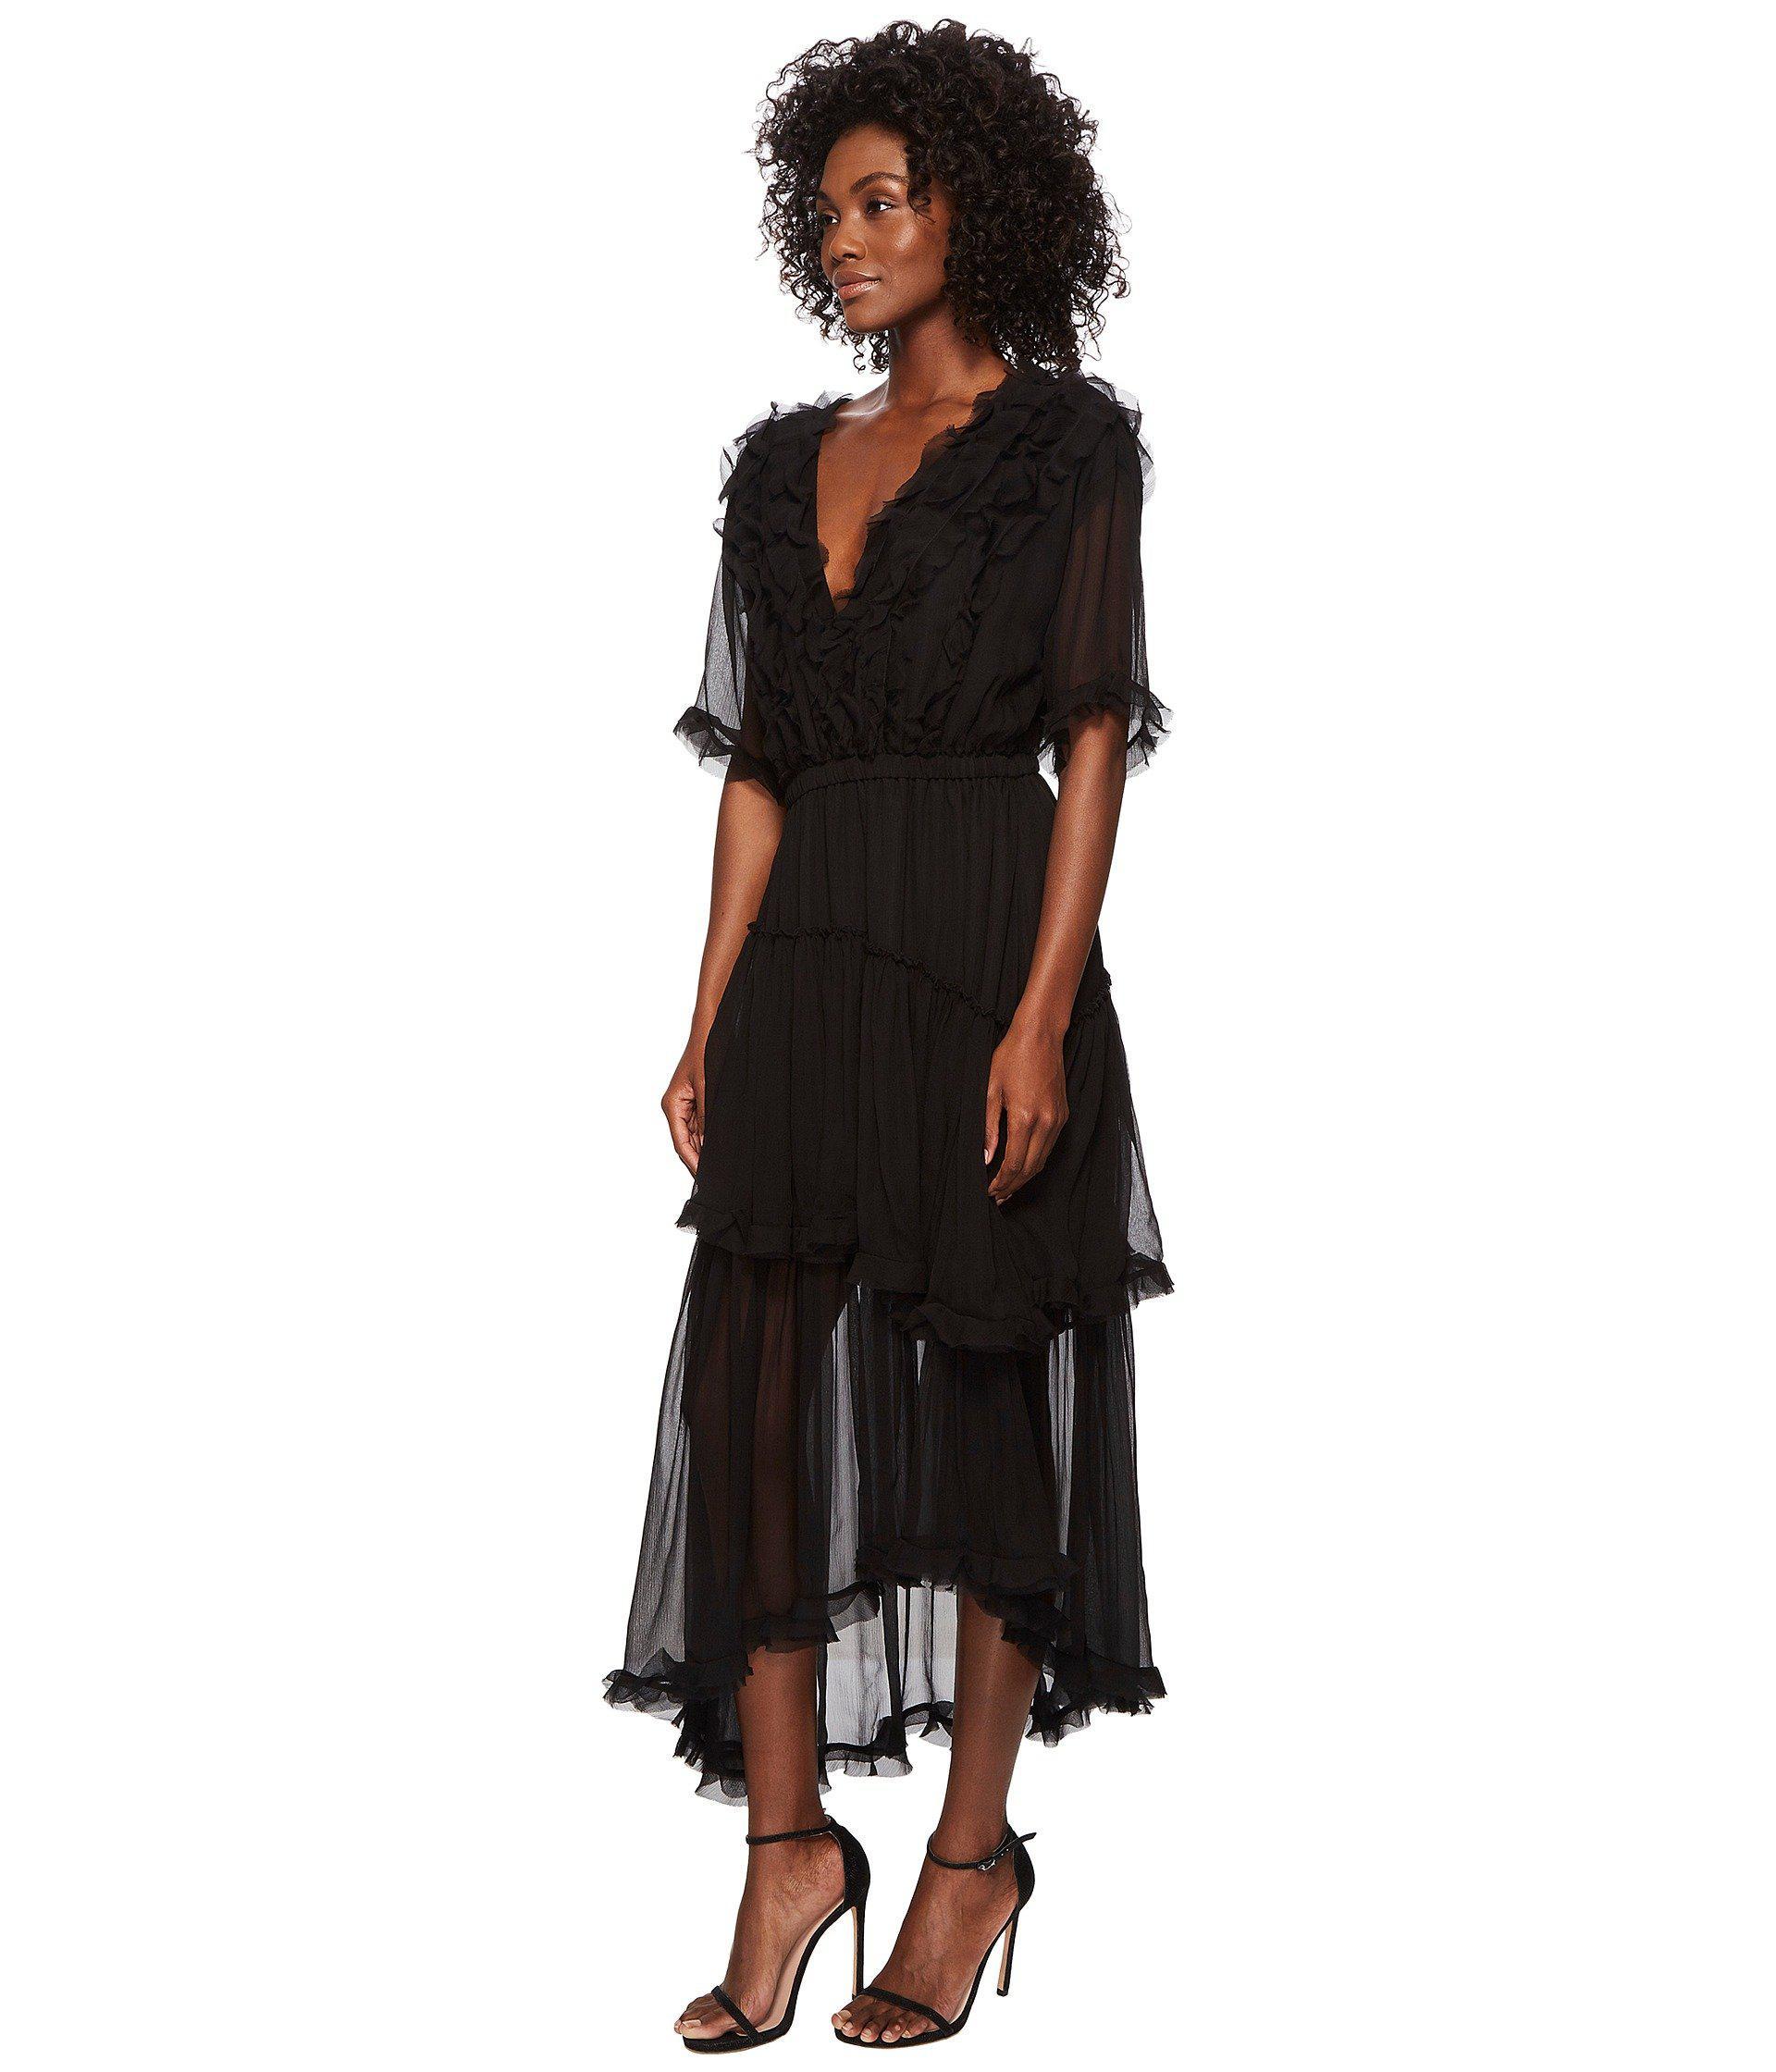 e5a9bb011816 Lyst - The Kooples Silk Muslin Dress (black) Women's Dress in Black